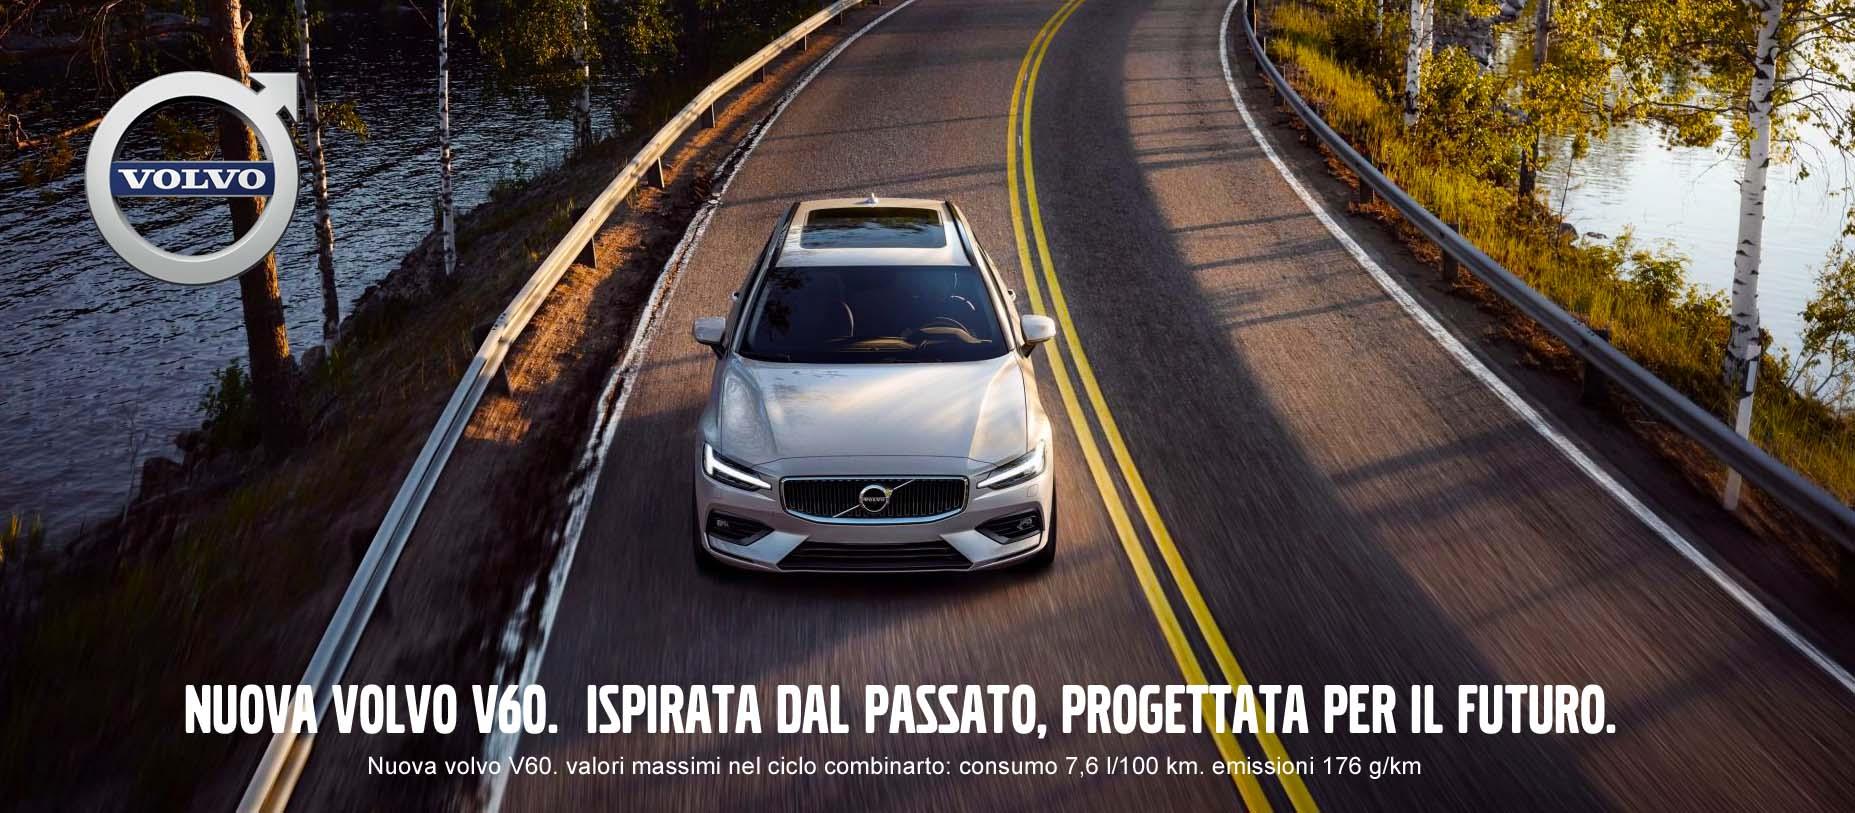 New Volvo V60 Tecnostile